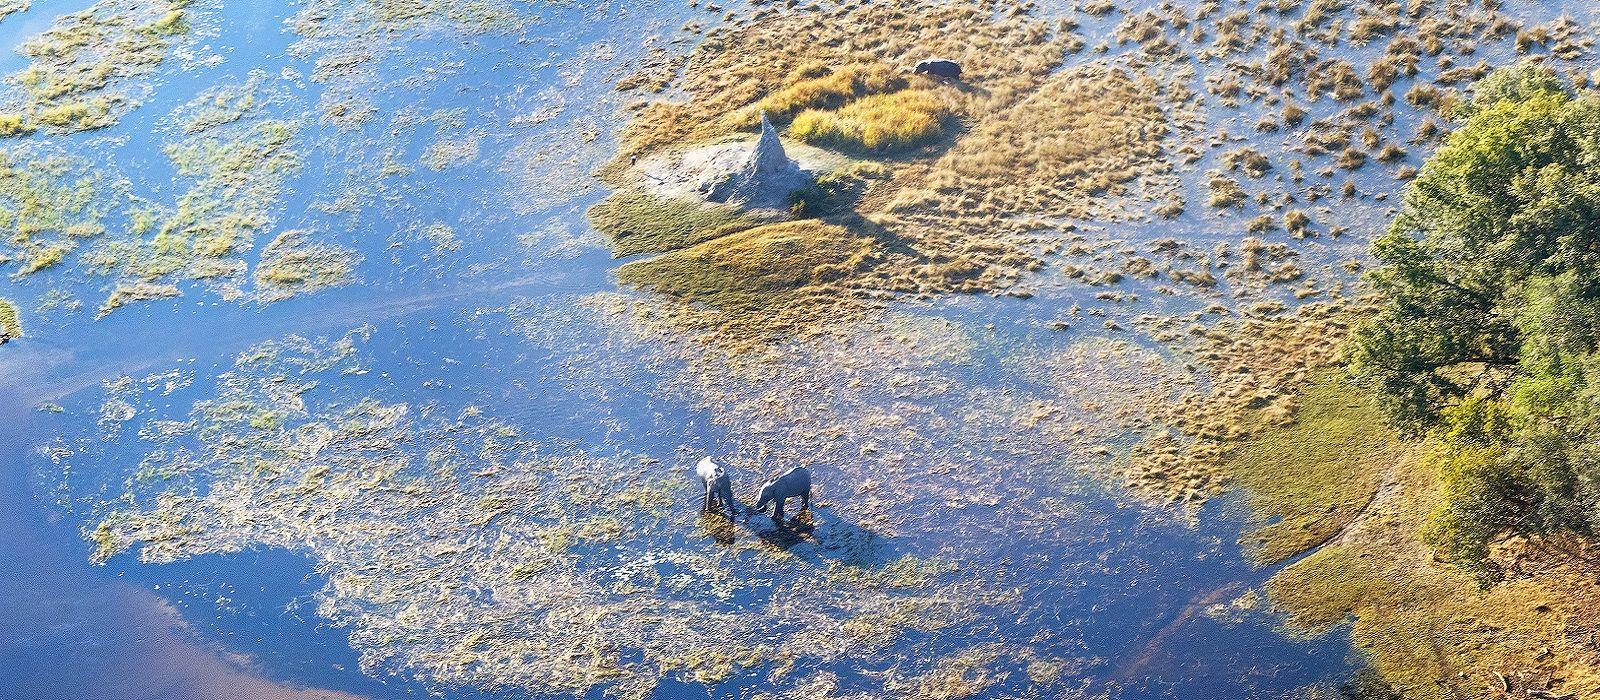 Krüger, Viktoriafälle & Okavango Delta – die Höhepunkte des südlichen Afrika Urlaub 1